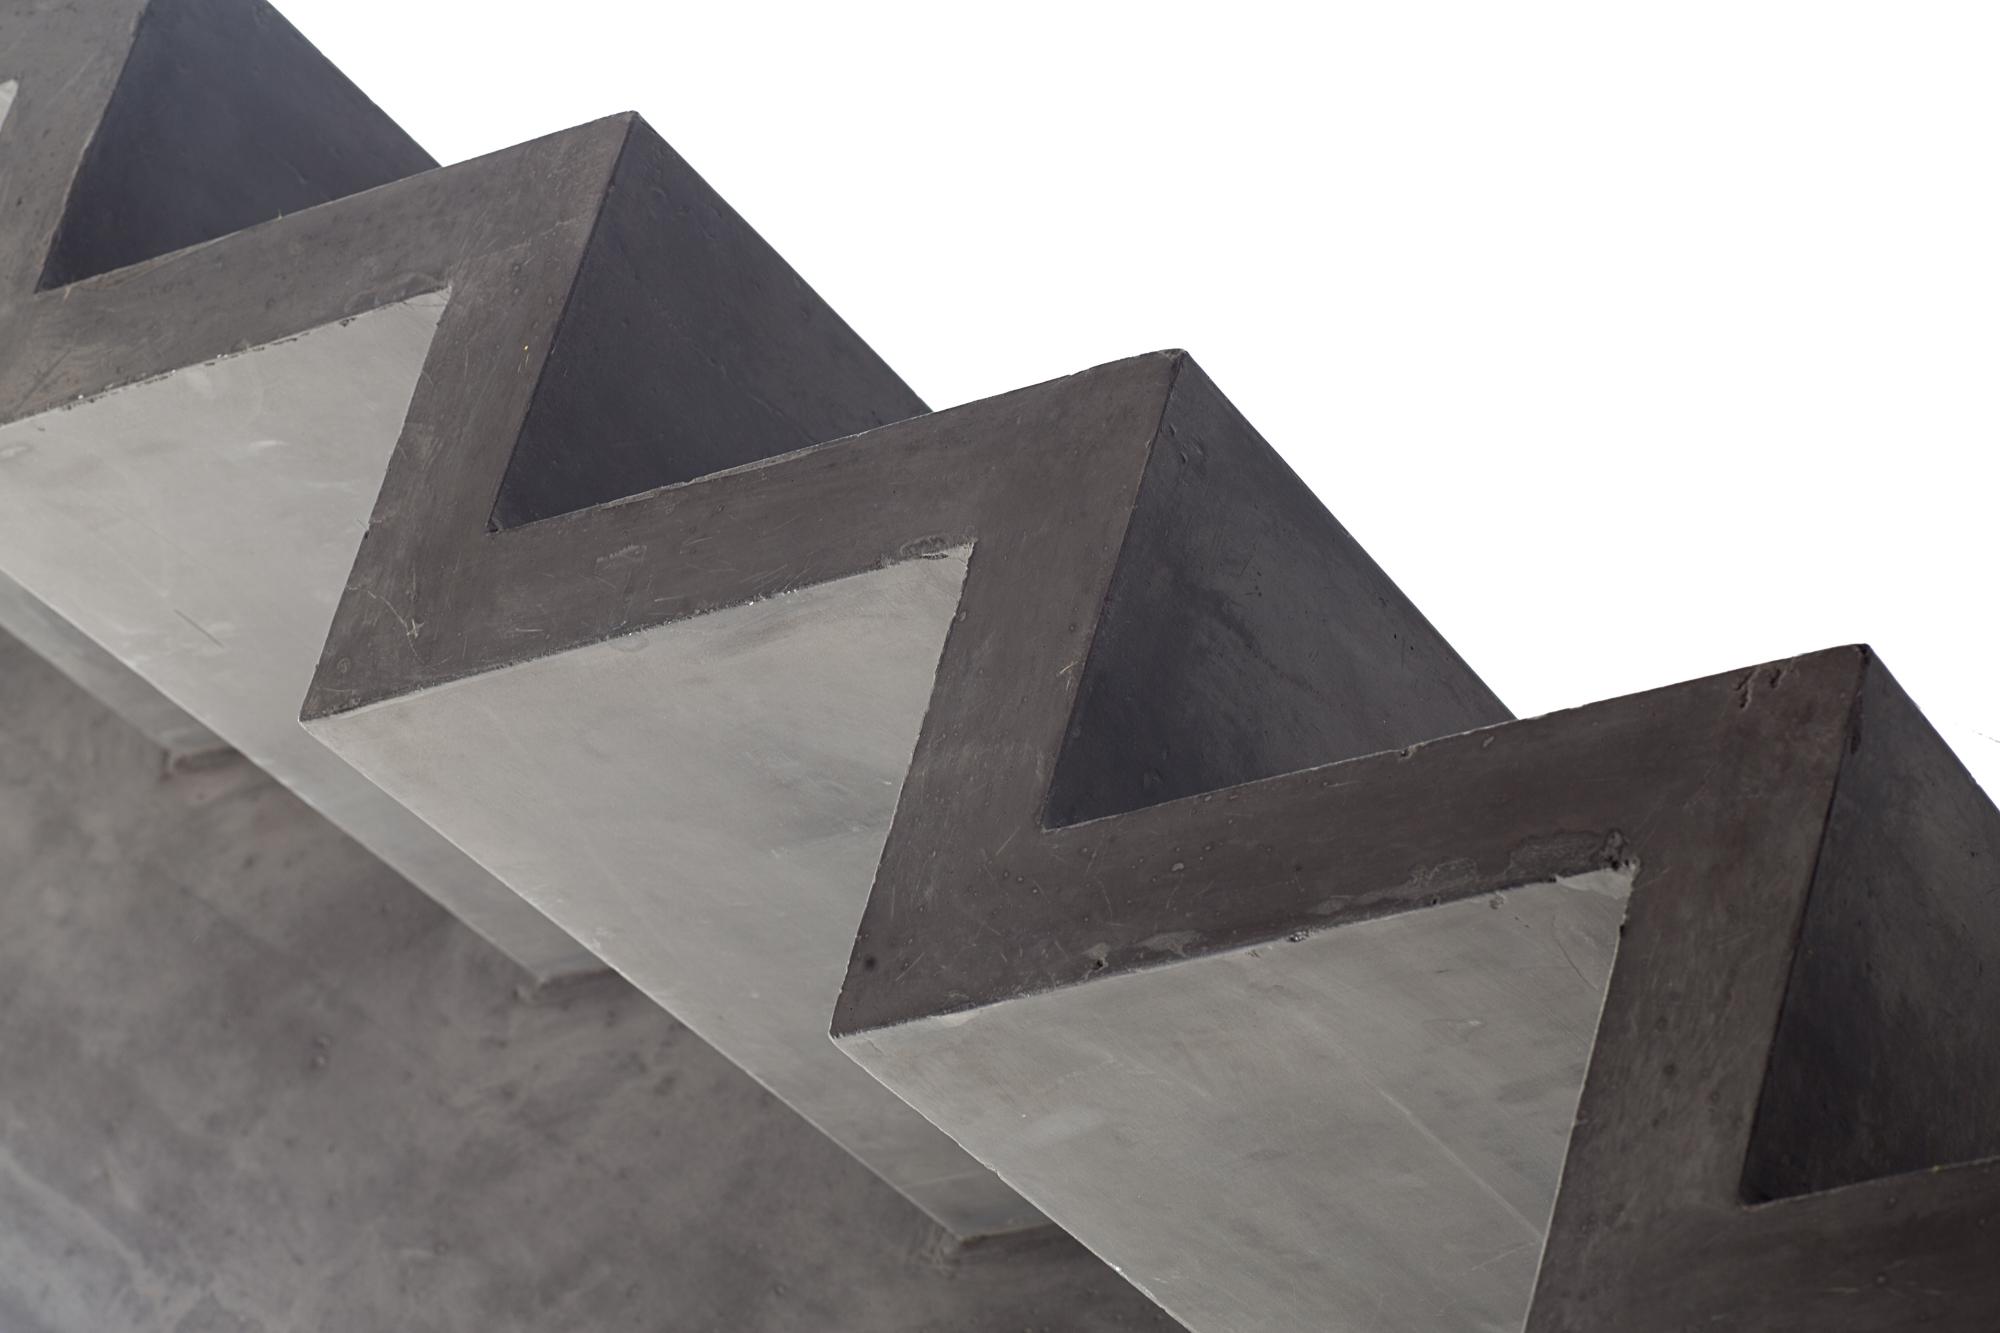 Interierfotograaf en architectuurfotograaf Robert Zwart brengt een trap on beeld van Hi-con.